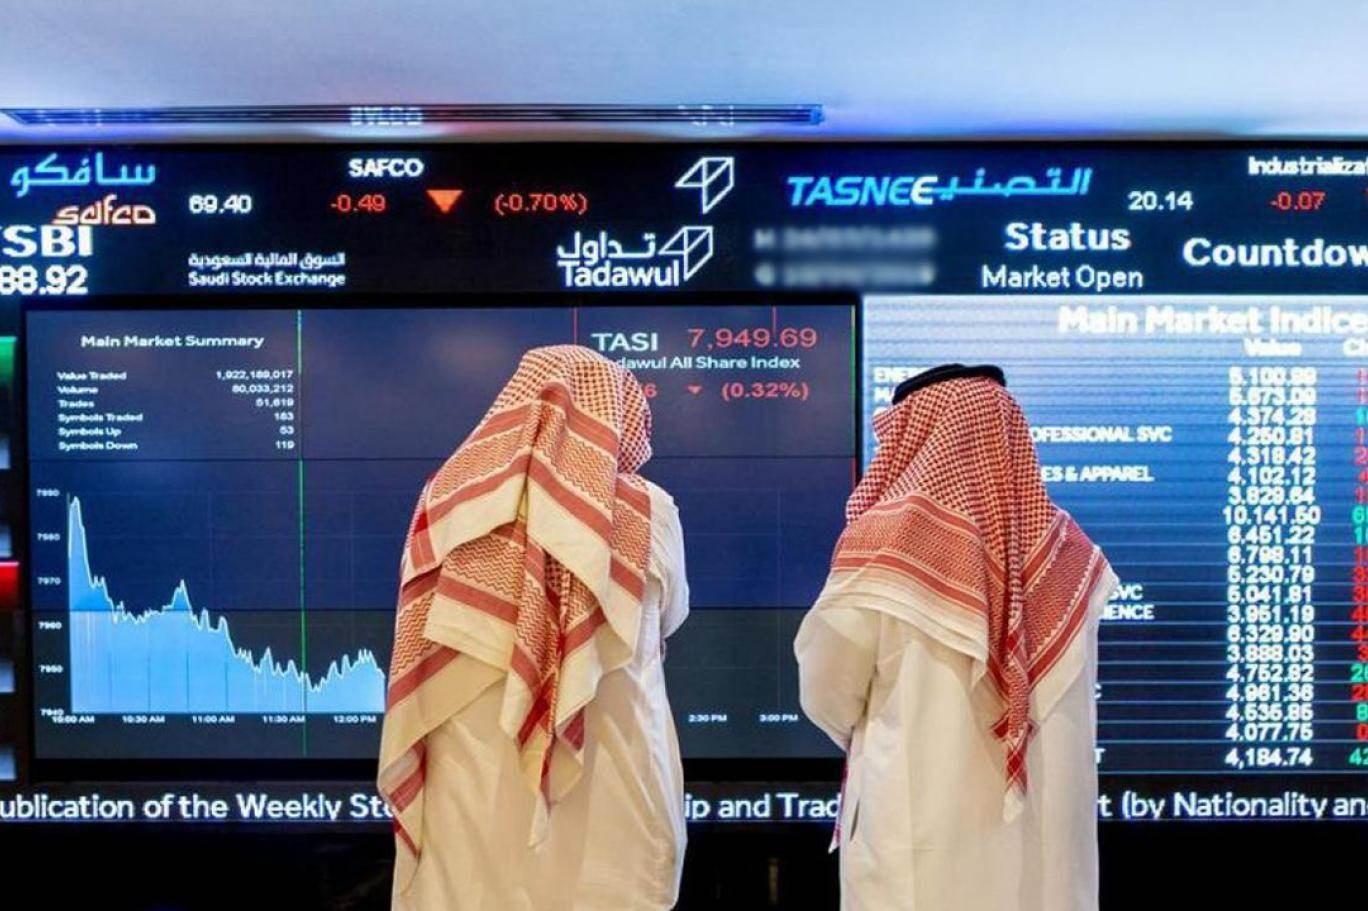 بعد هبوط أسعار النفط والأسهم العالمية.. هبوط بورصات الخليج الرئيسية